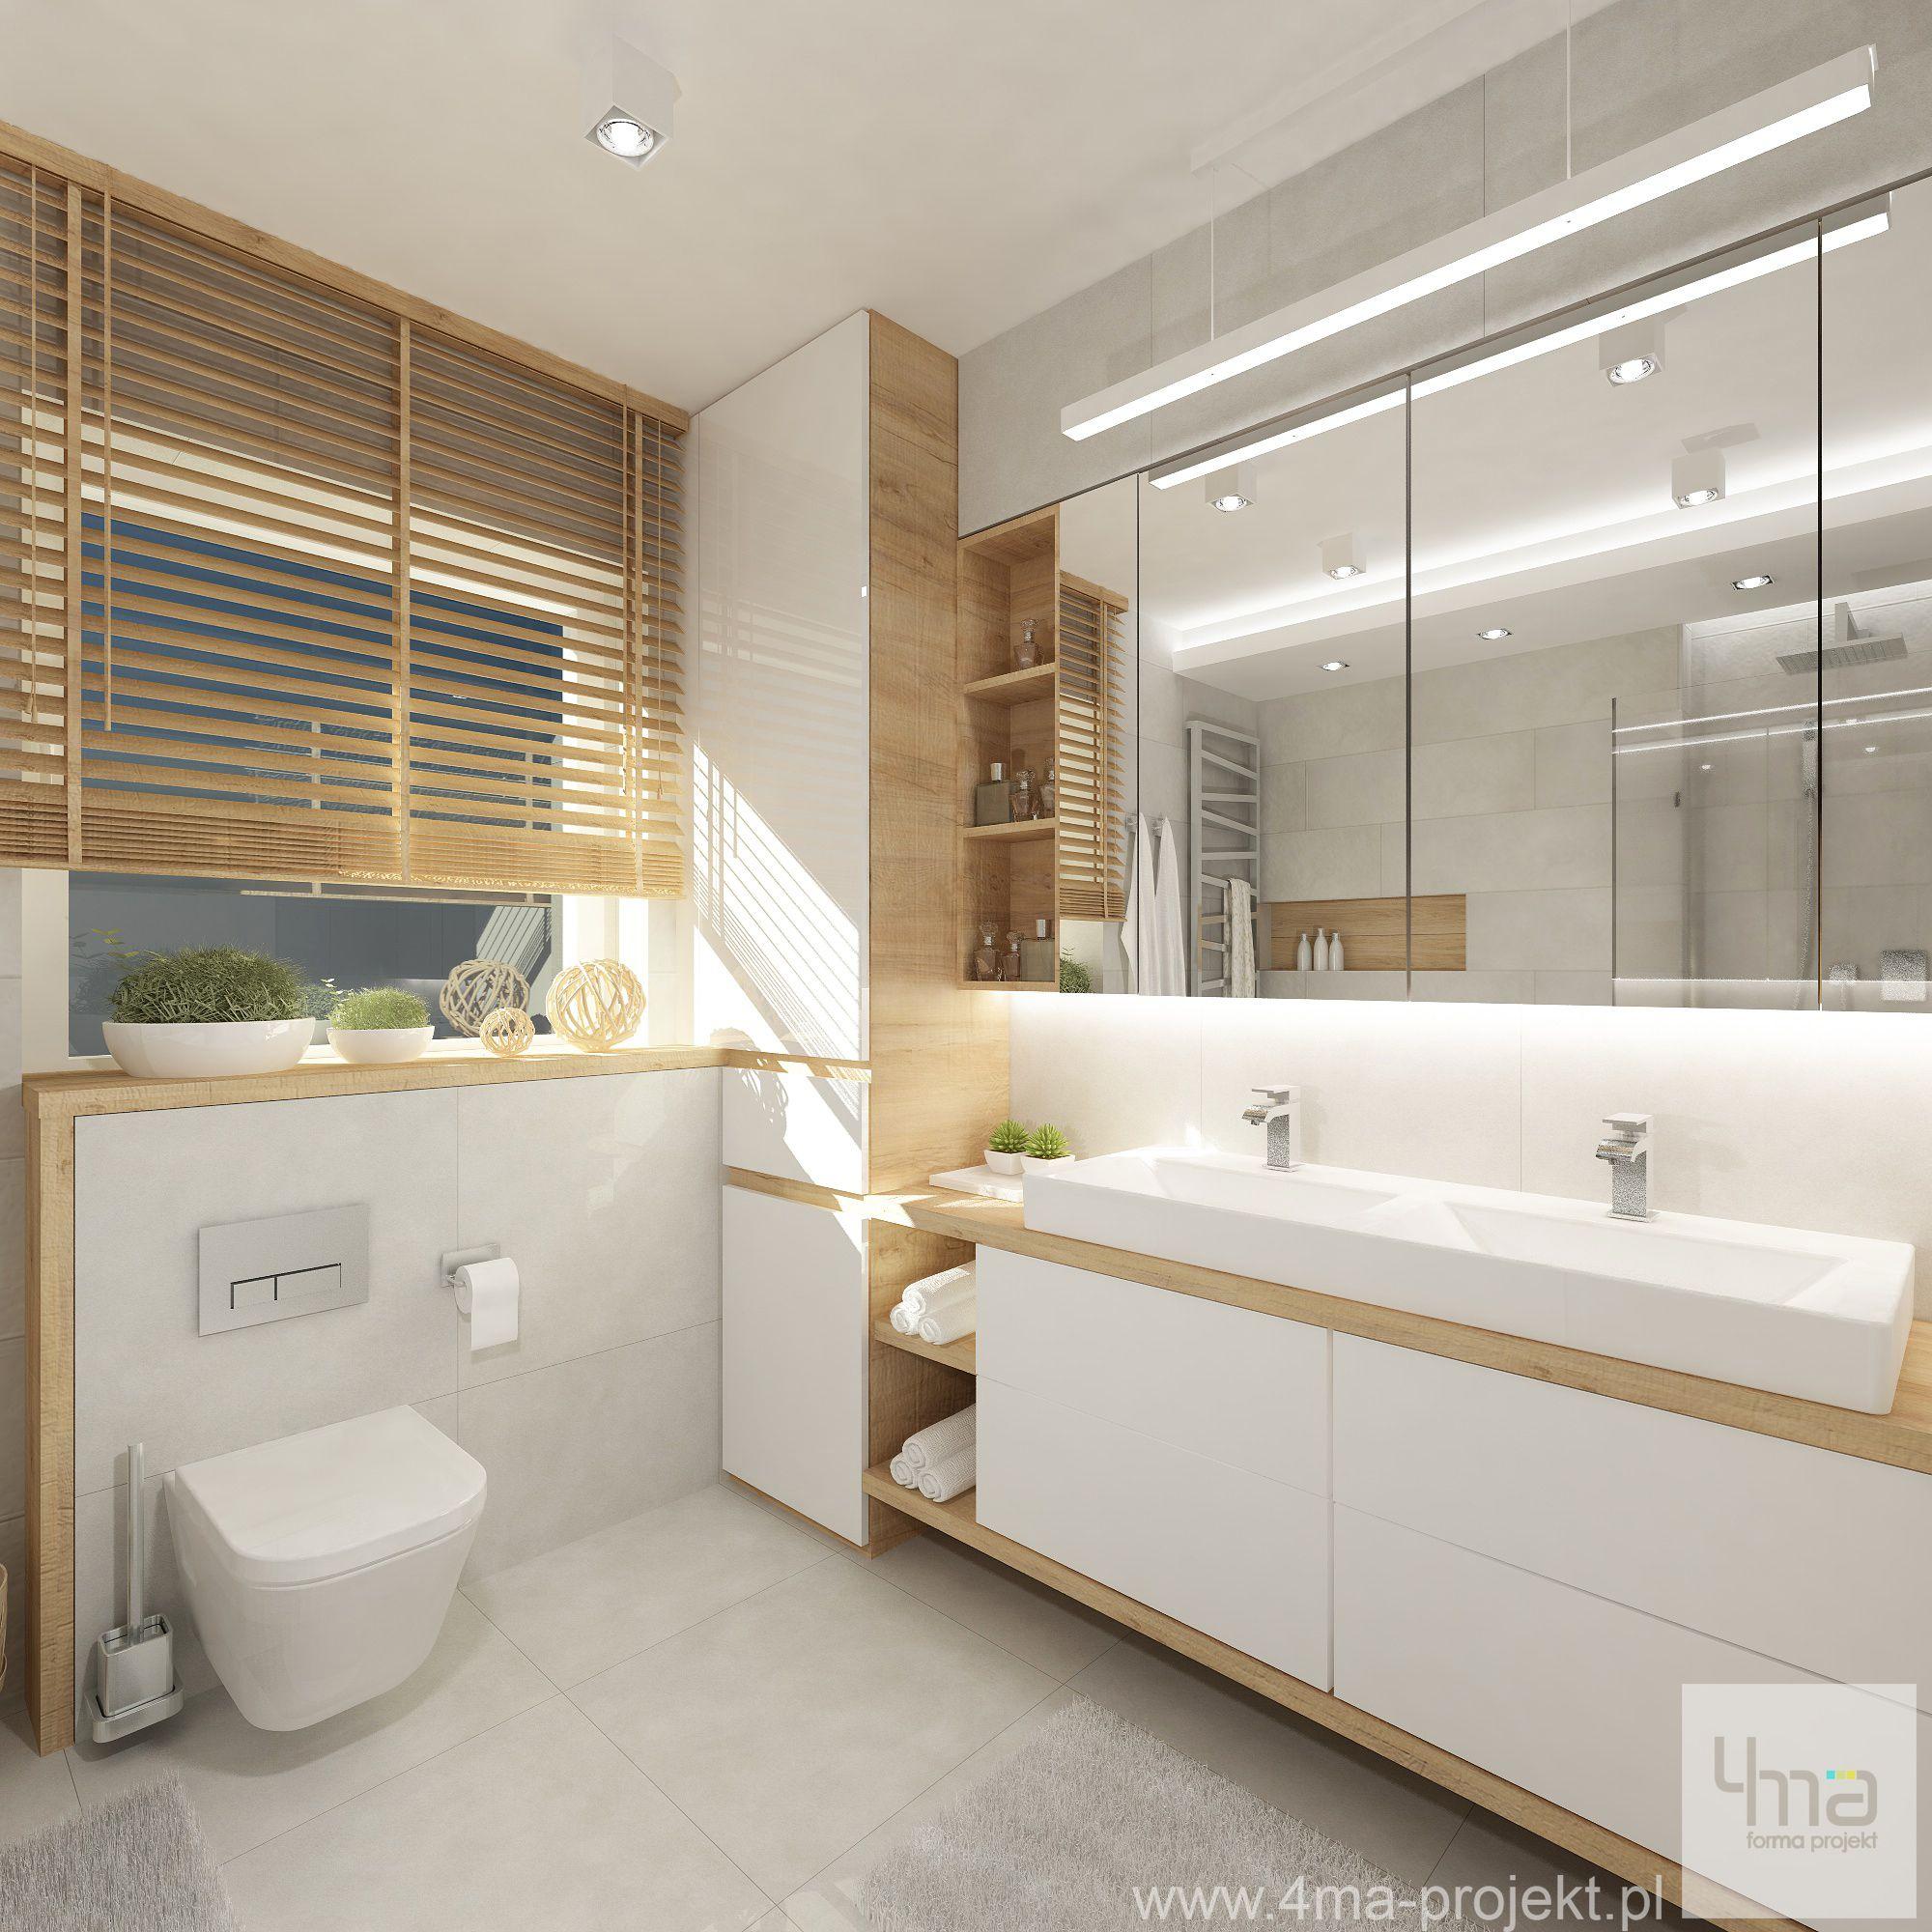 Dom W Ożarowie Mazowieckim 4ma Projekt Architekt Projektant